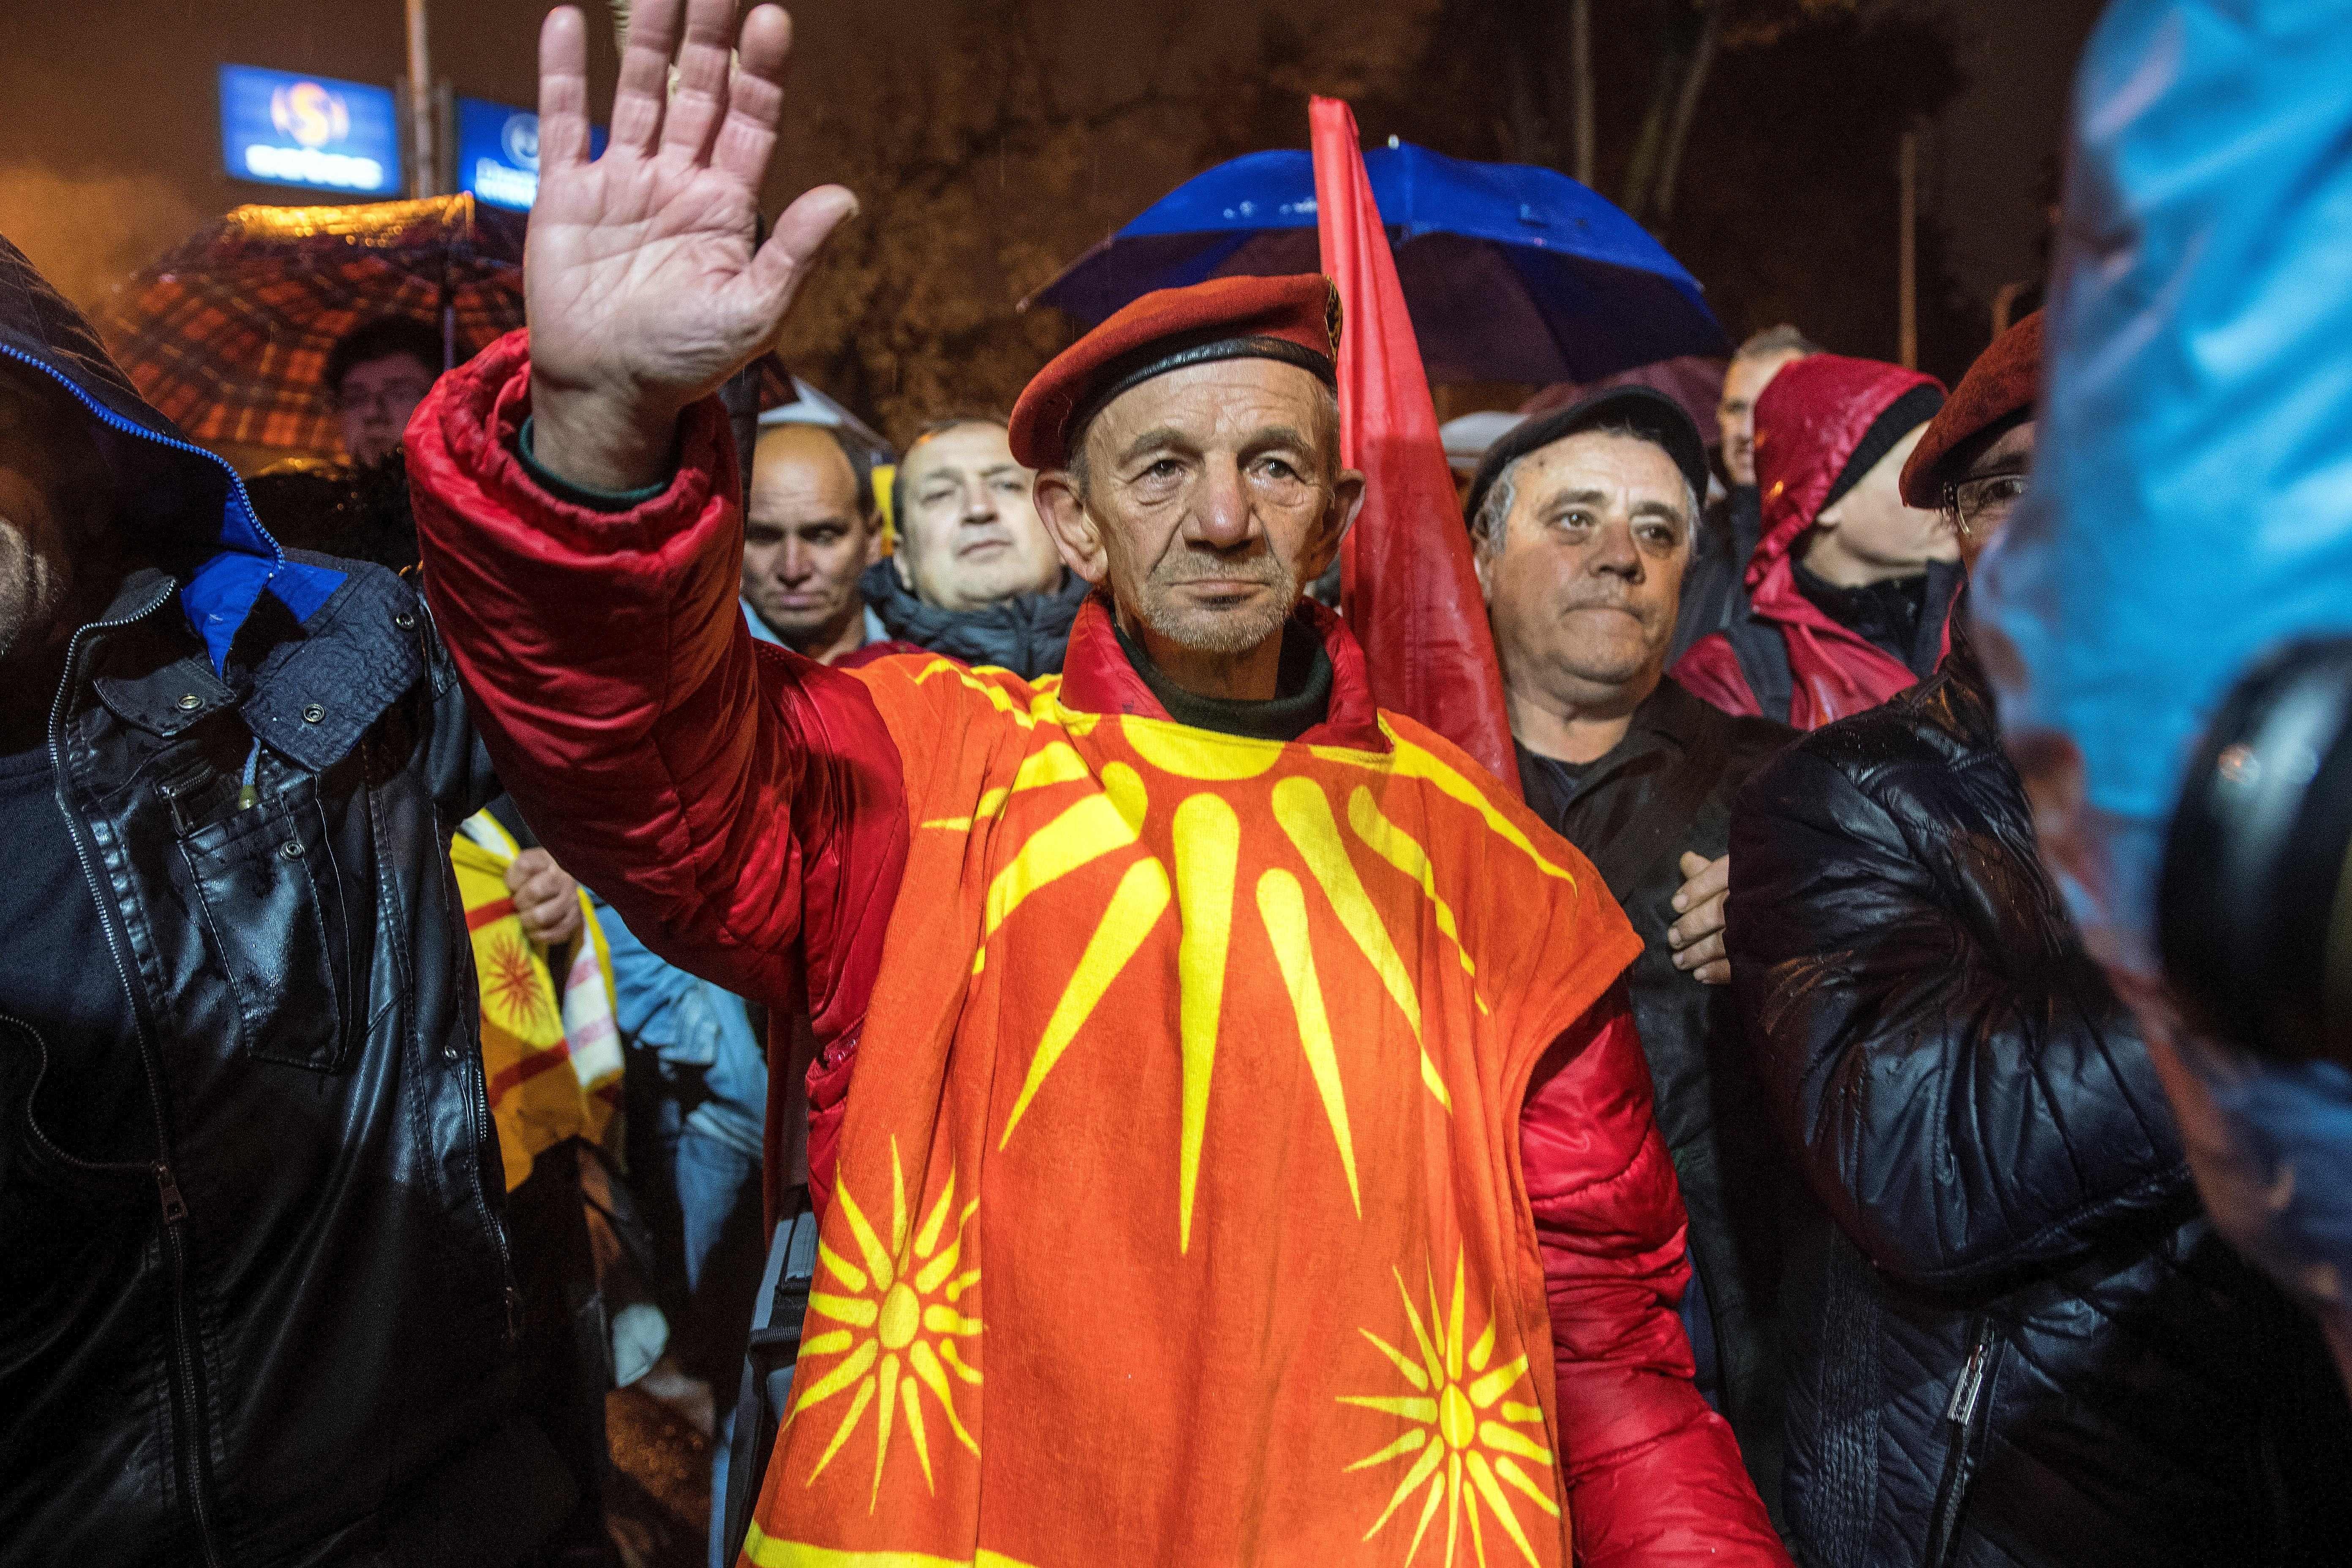 Υπέρ της αλλαγής του Συντάγματος το 55% των πολιτών στη πΓΔΜ, σύμφωνα με